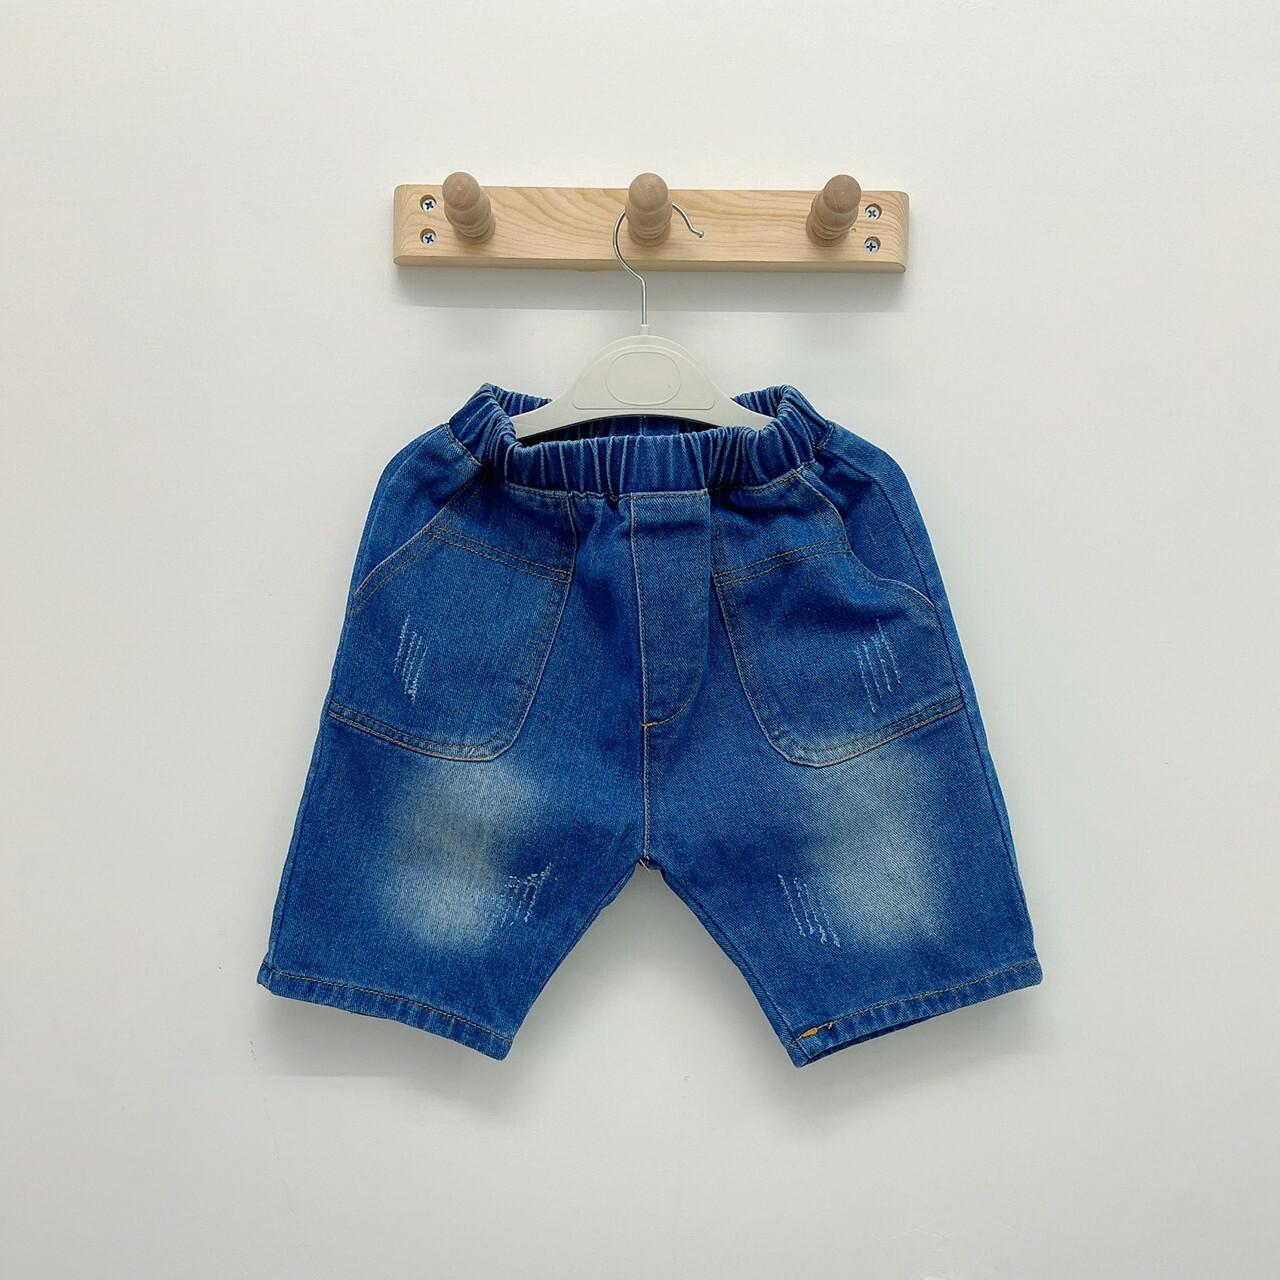 褲裙短 五~七分褲_210803_14.jpg